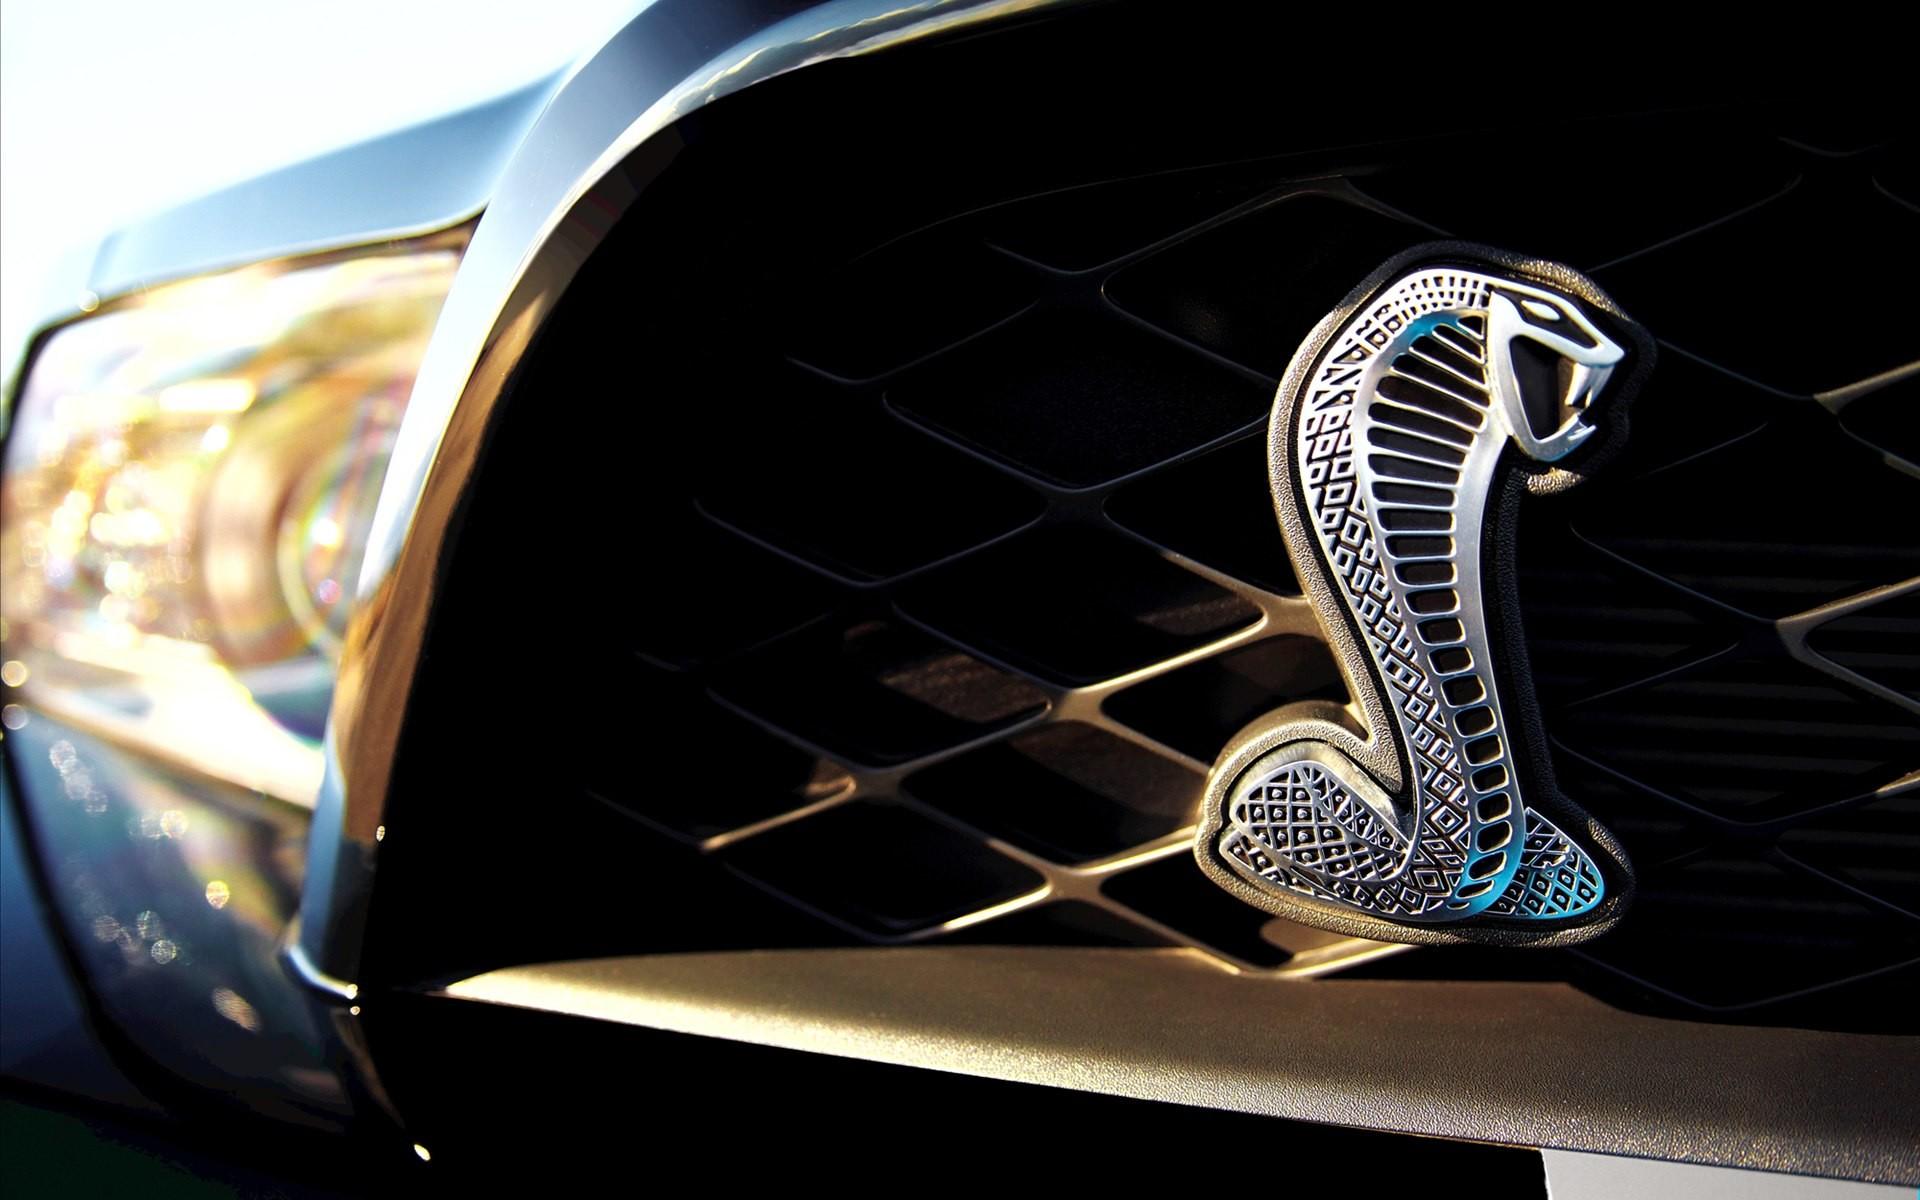 Mustang cobra emblem wallpaper – photo#11